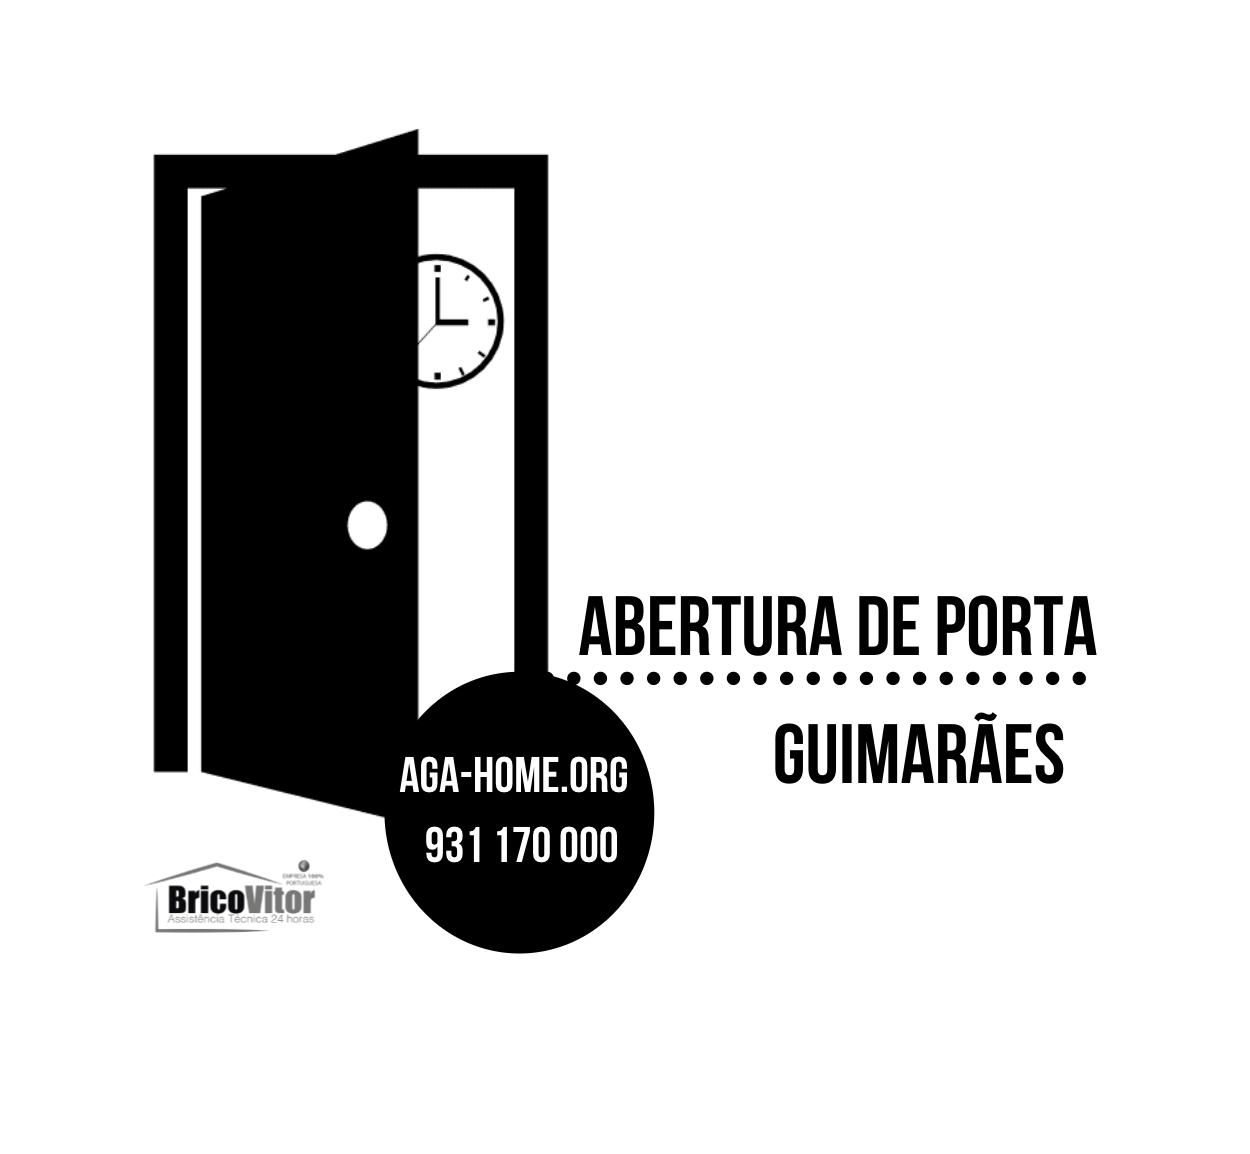 Abertura de Portas Guimarães